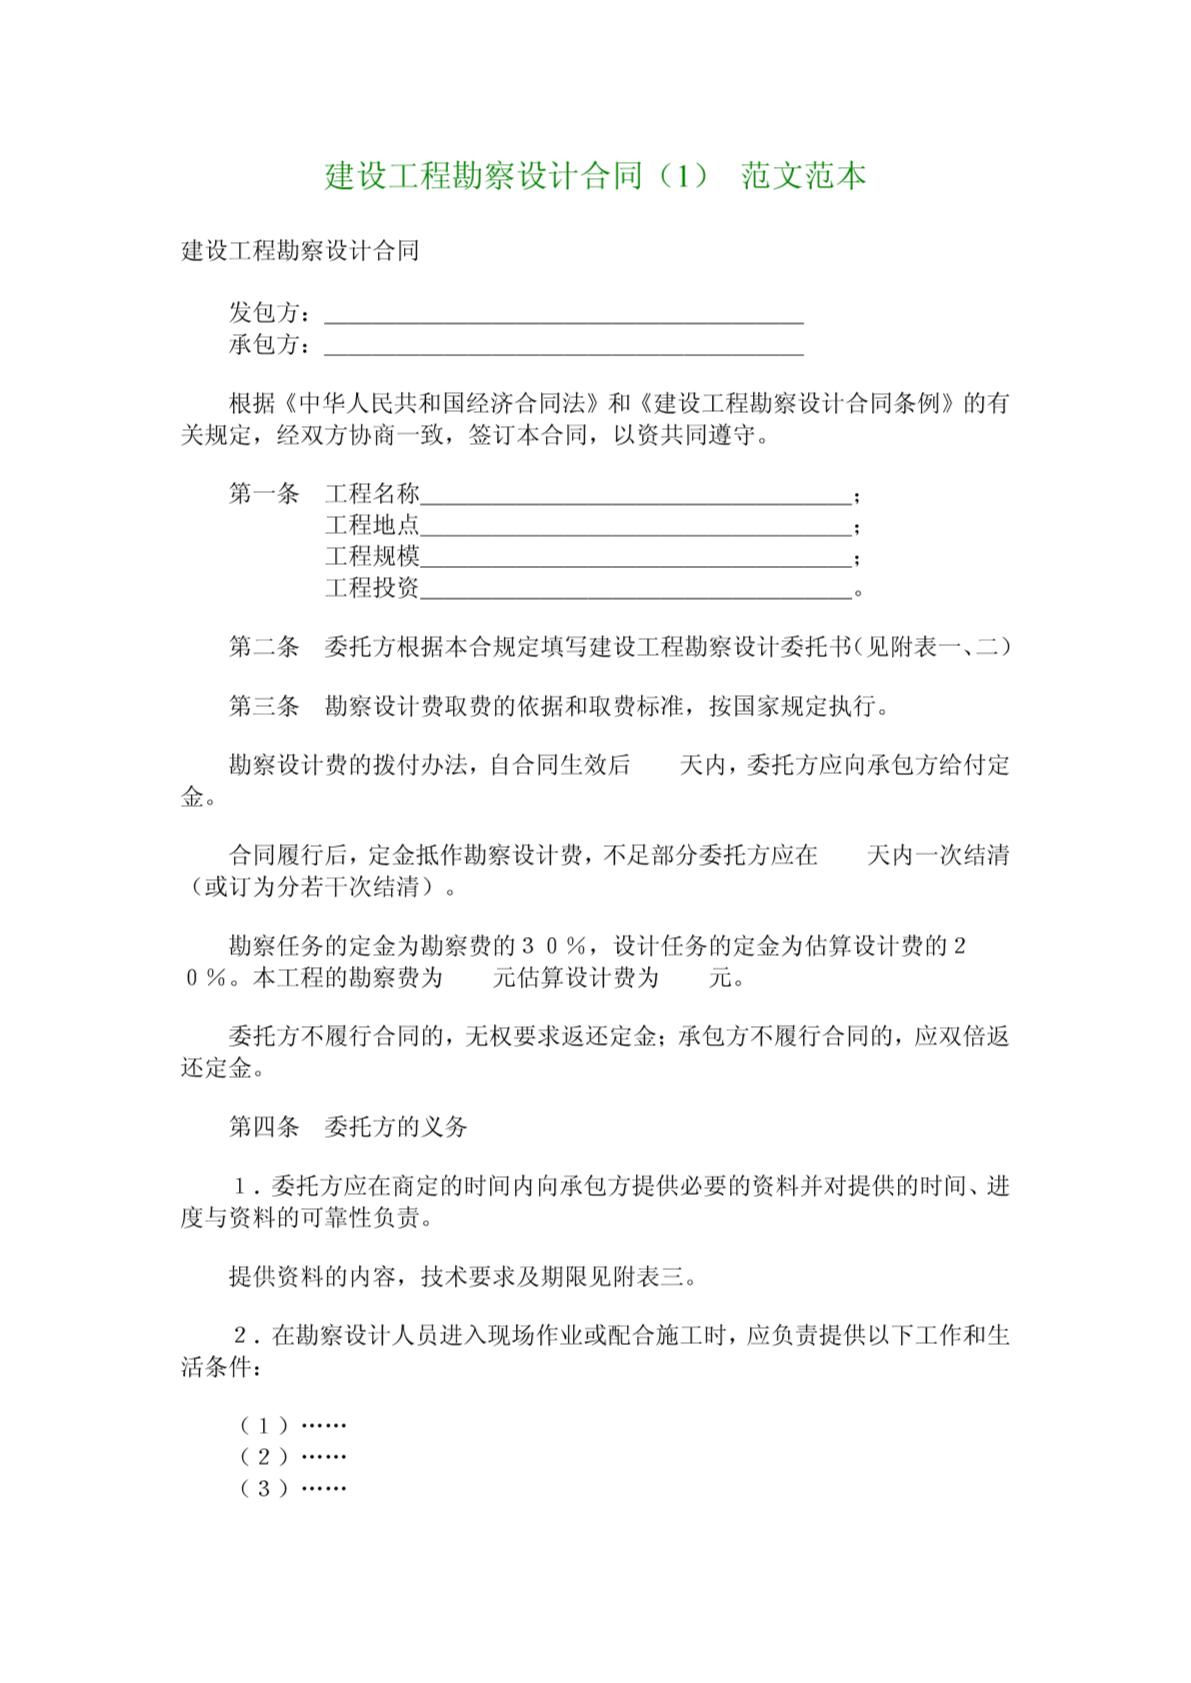 建设工程勘察设计合同(1) 范文范本 _940-图二